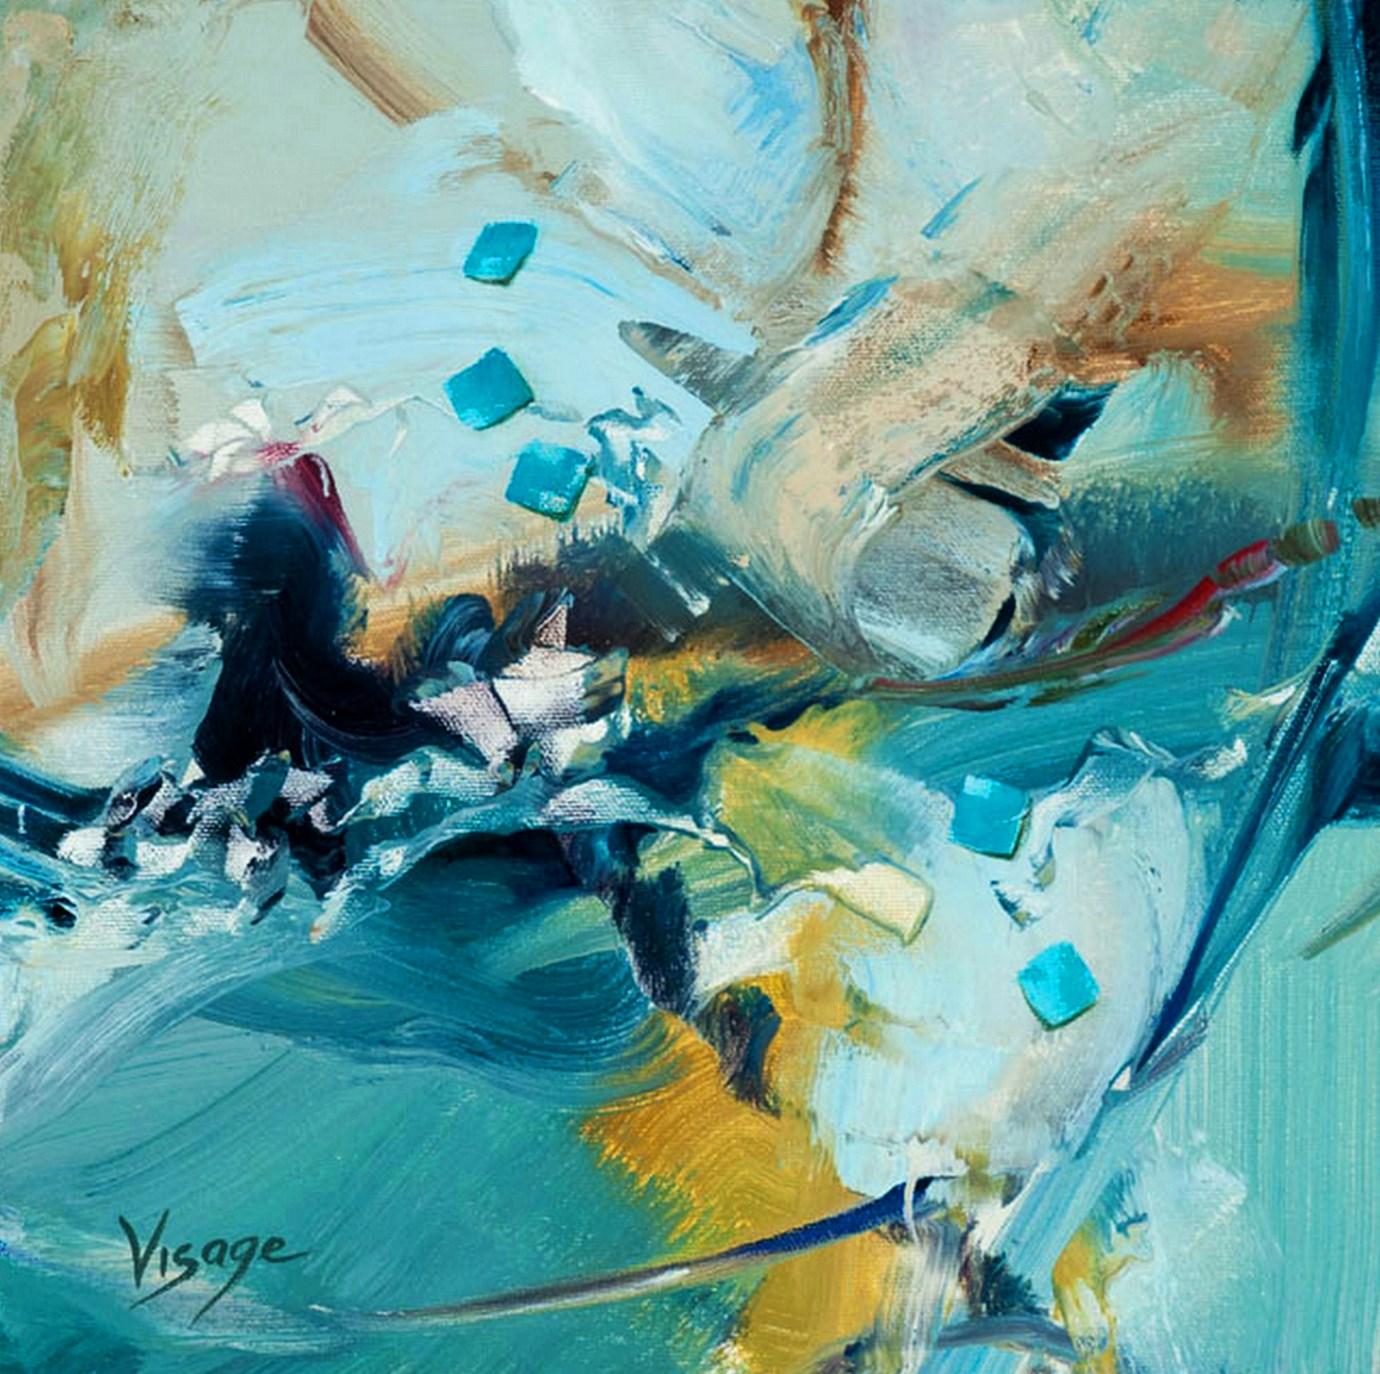 Pintura moderna y fotograf a art stica cuadros for Imagenes de cuadros abstractos para colorear